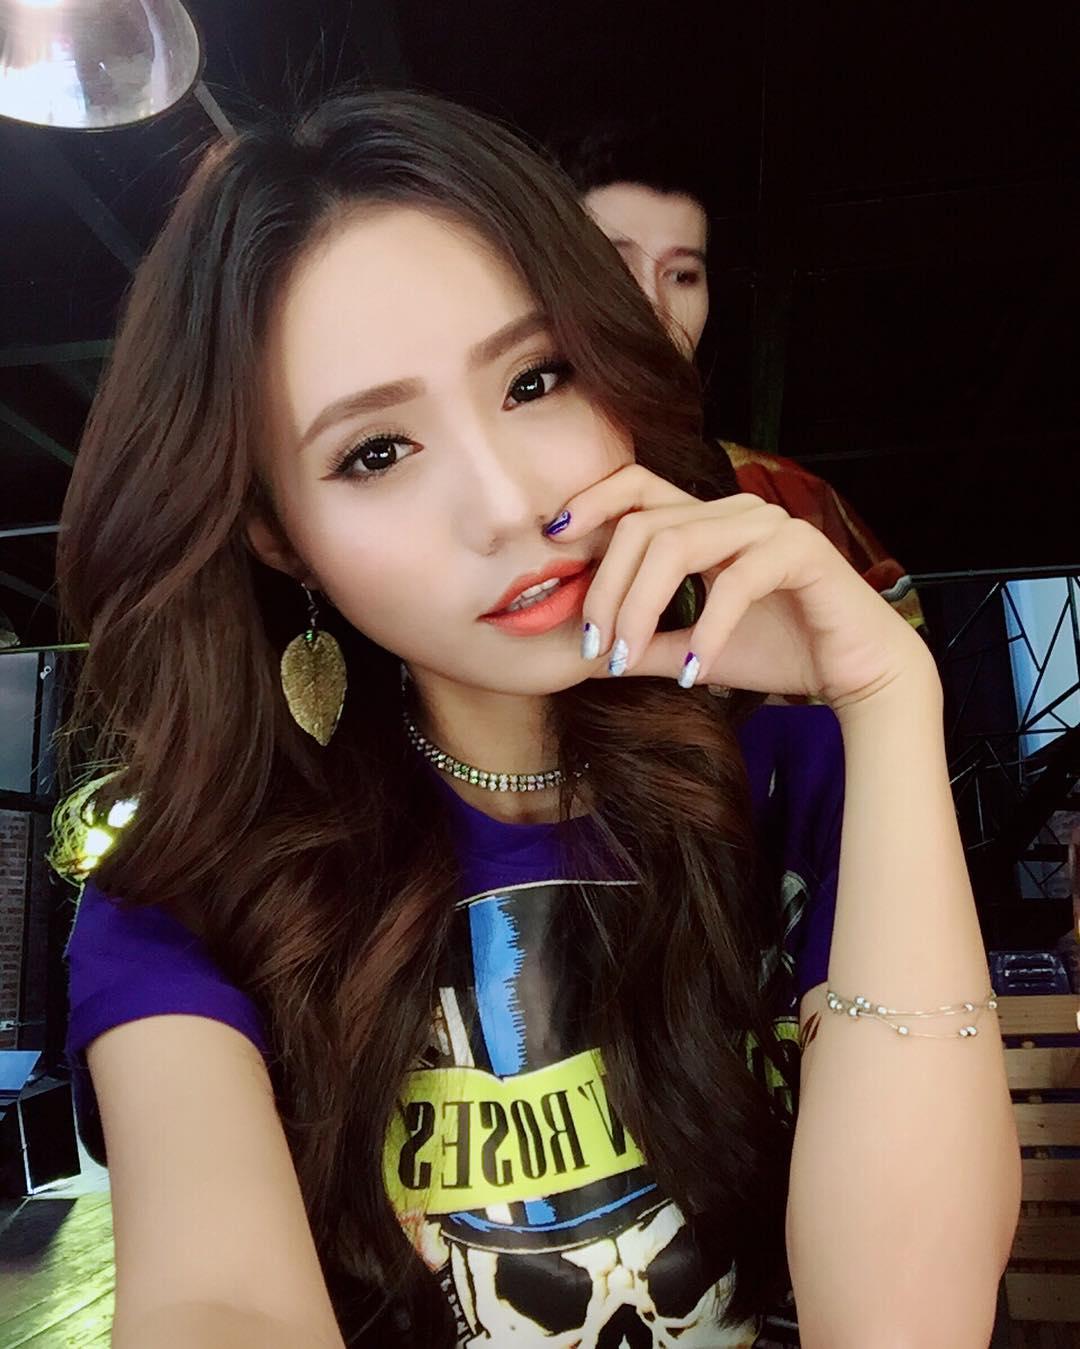 Là MC trẻ trung nhất nhì VTV nhưng chẳng ai ngờ ngoài đời, Xuân Anh lại có style chất chơi bốc lửa thế này - Ảnh 9.